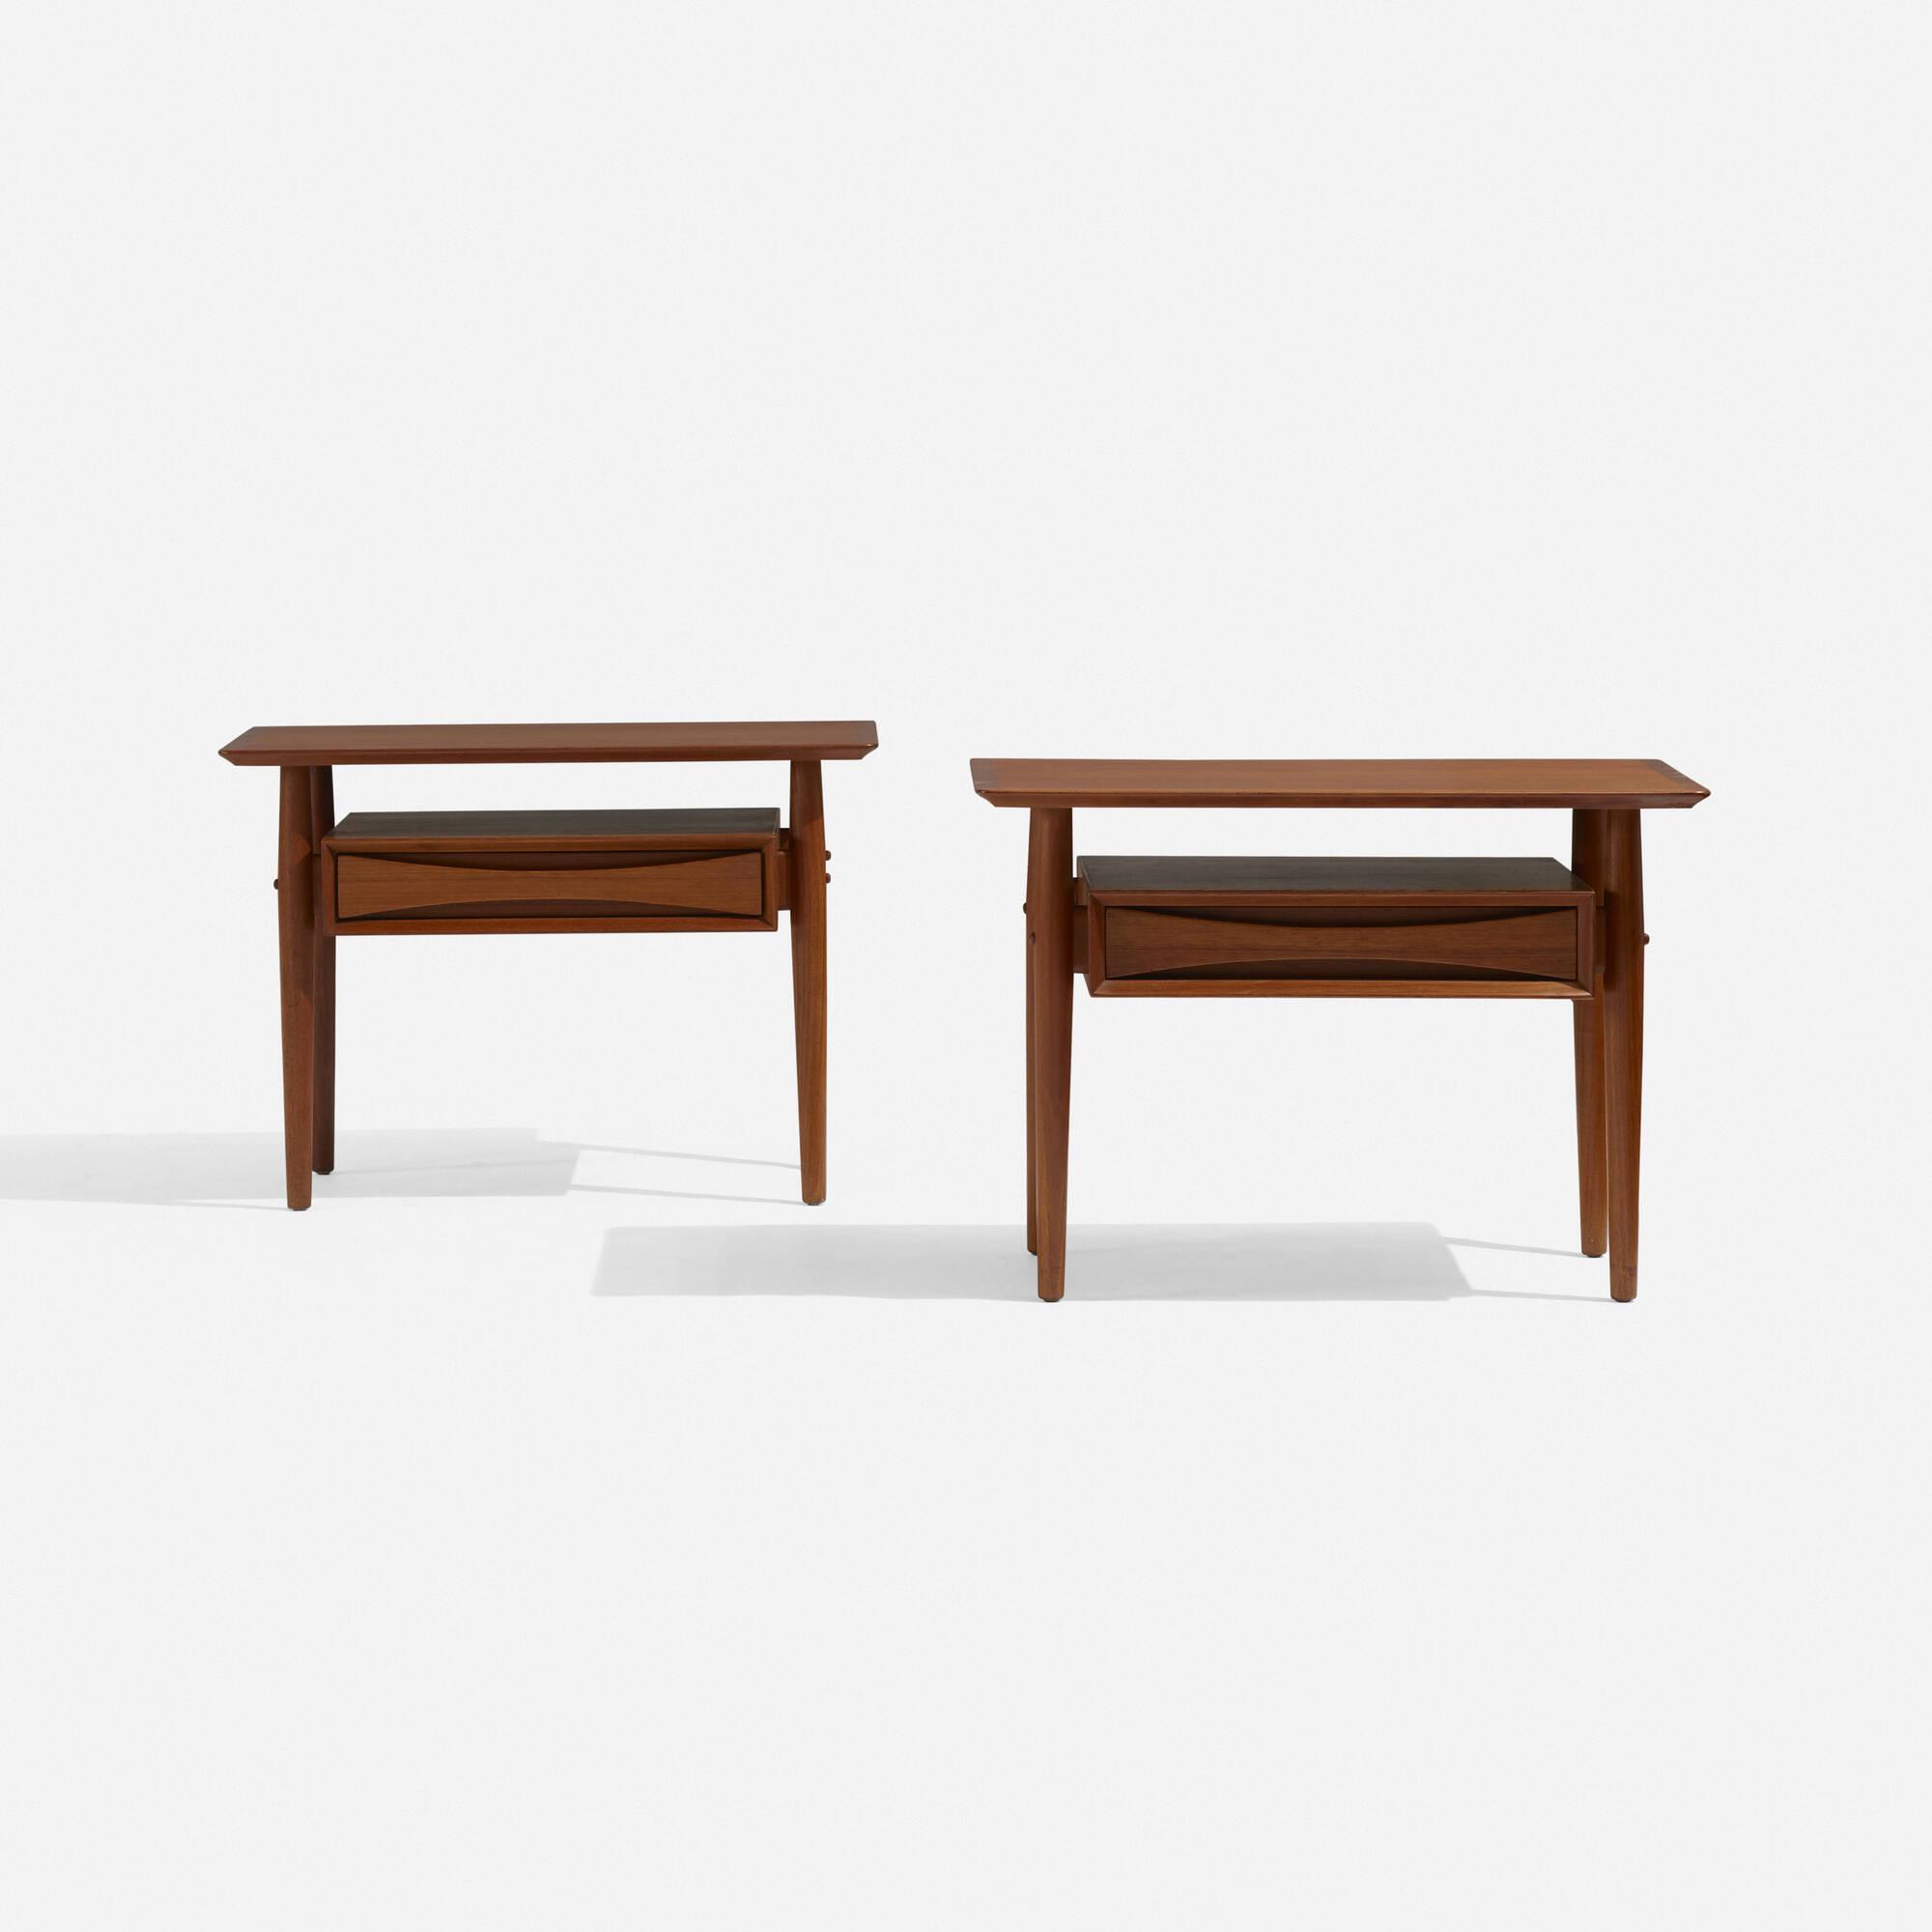 270: Arne Vodder / nightstands, pair (2 of 3)